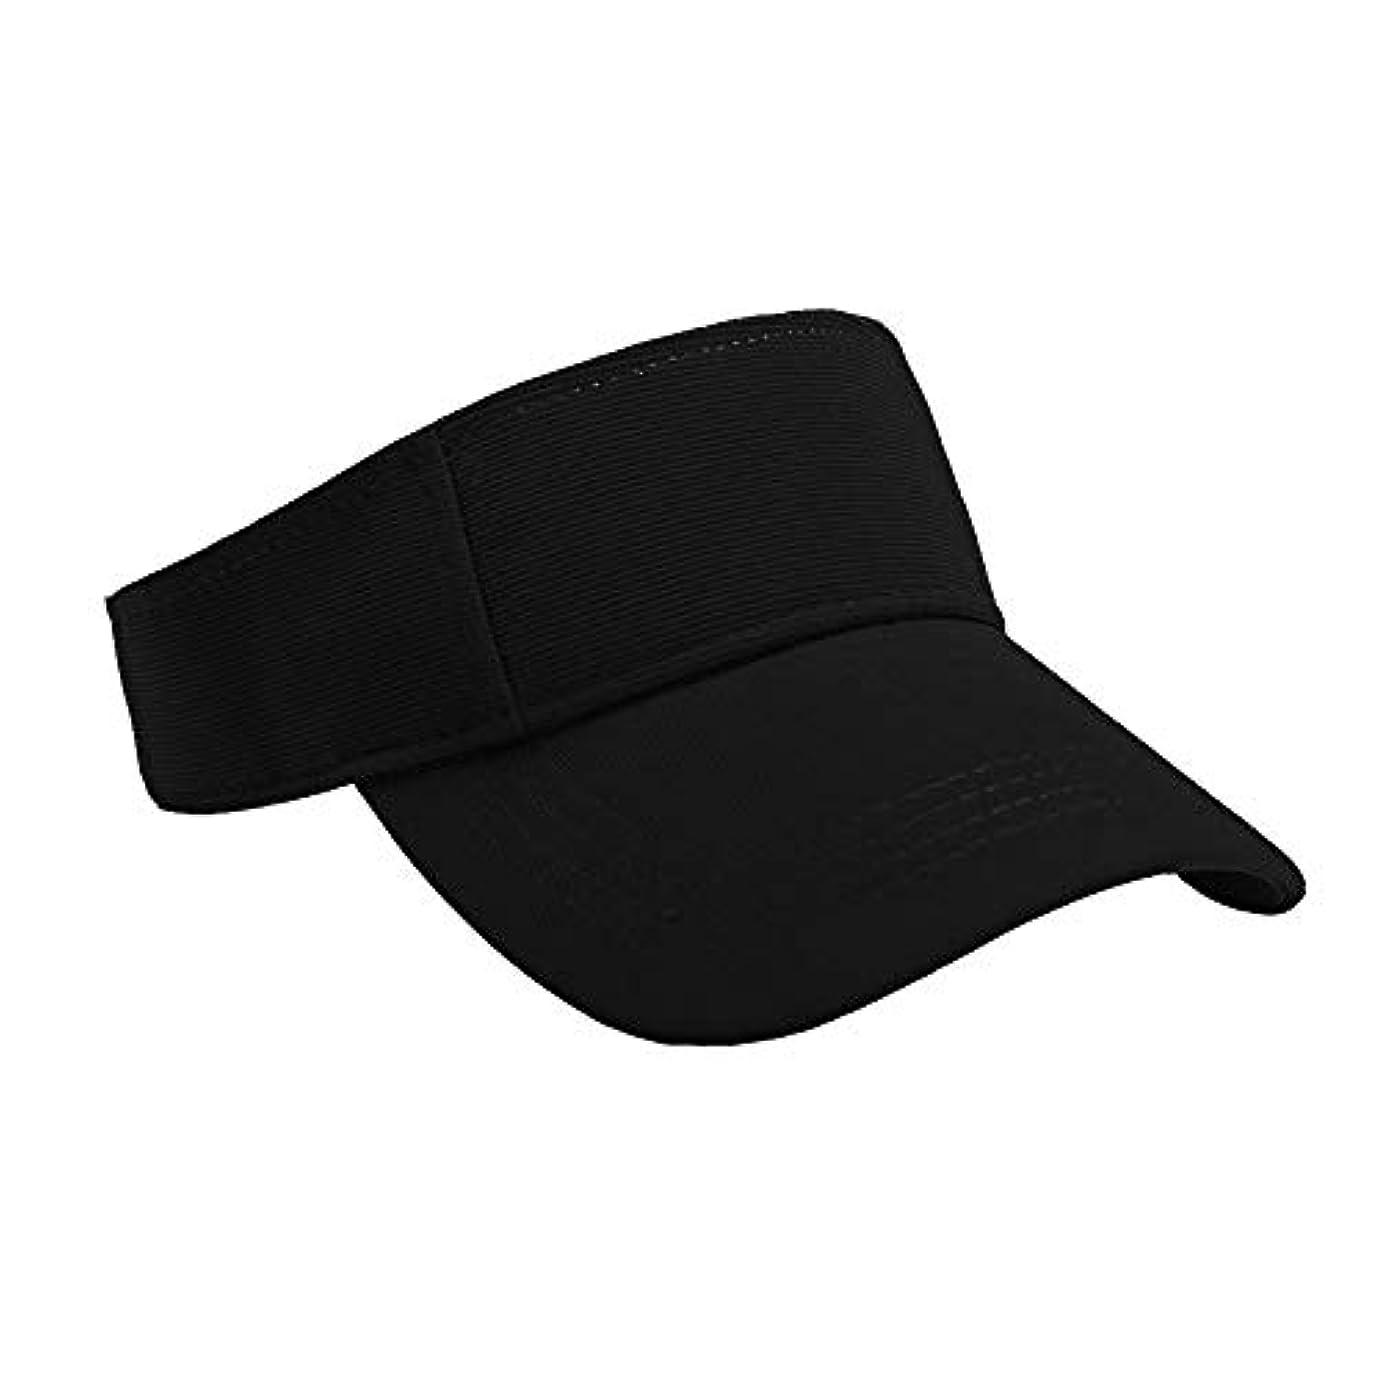 ペデスタル株式熱心Merssavo ユニセックスサマースポーツキャップ、サン帽子レディーステニスゴルフバイザーメッシュ野球帽、調節可能な屋外オープントップヘッドトラベルハイキング帽子、黒